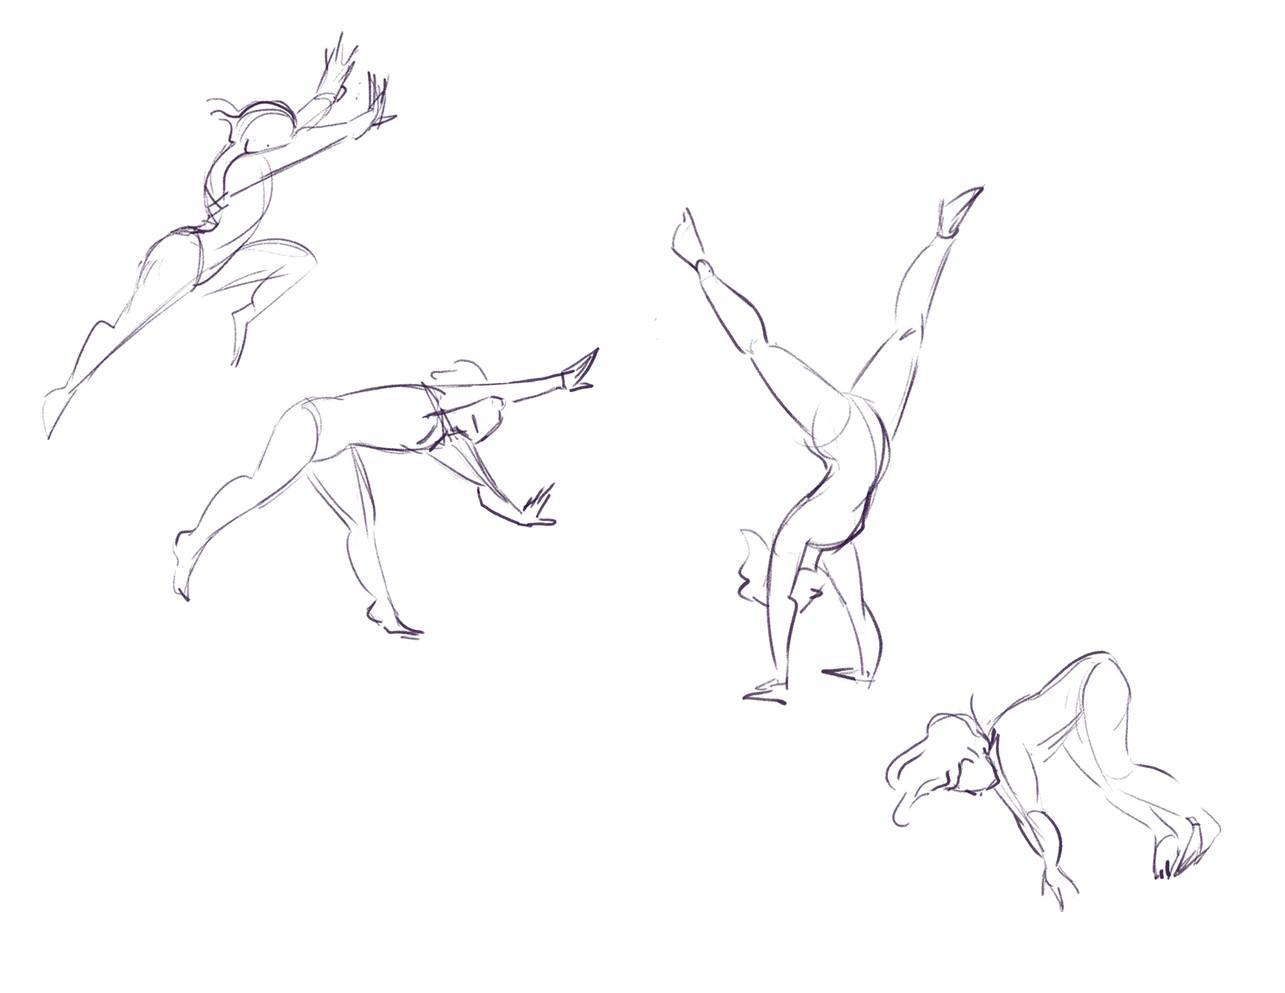 Gesture12.jpg